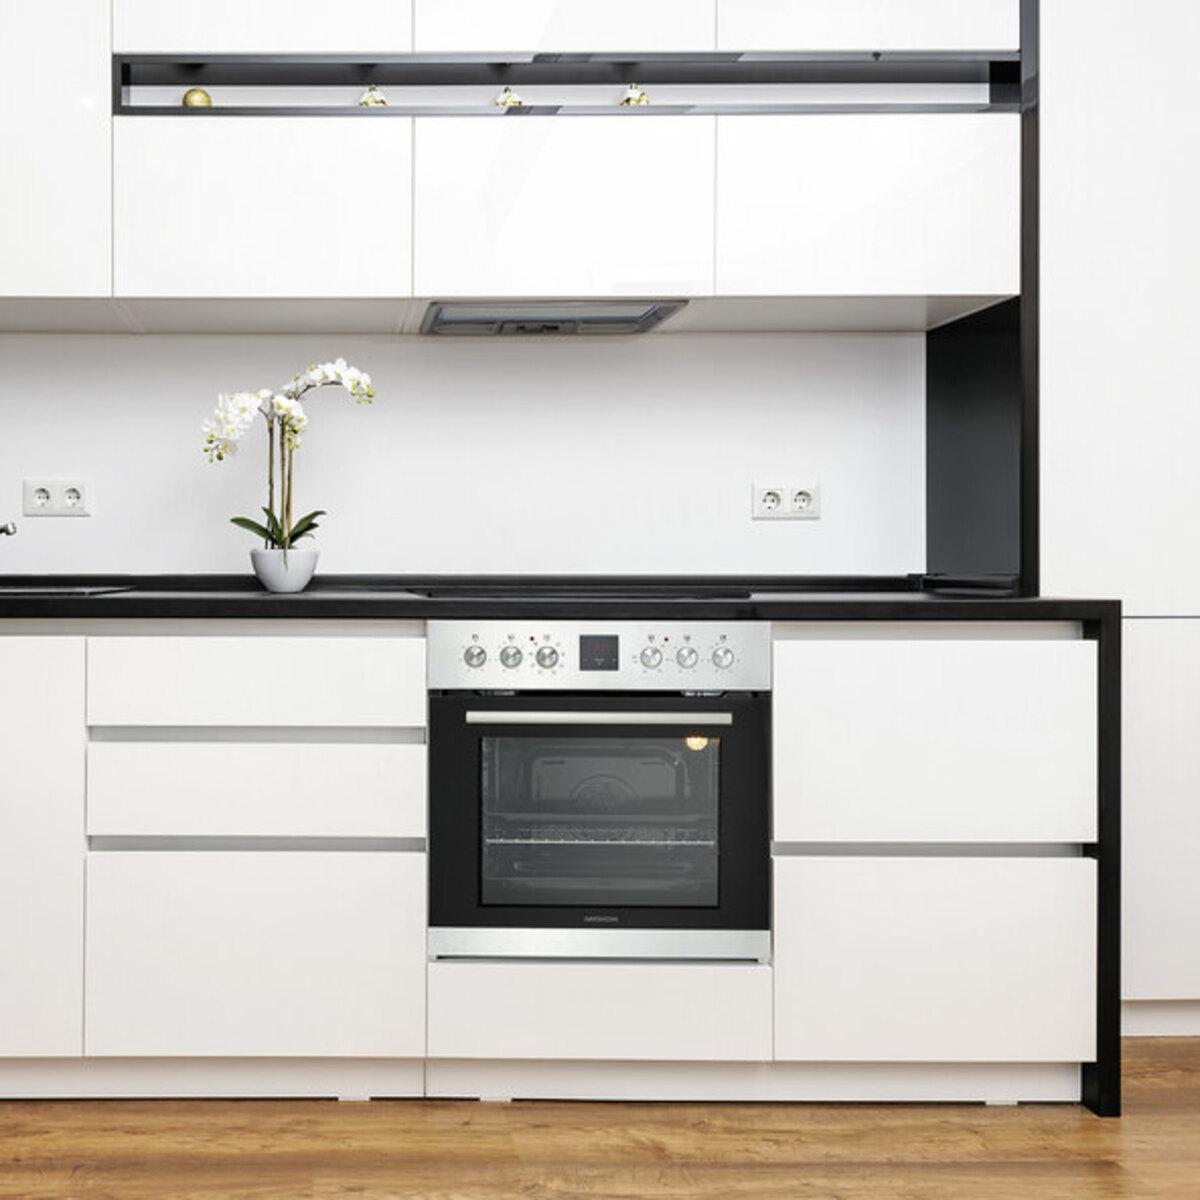 Bild 1 von Einbauherd-Set MEDION® MD 37667, Schott-Ceran®-Kochfeld